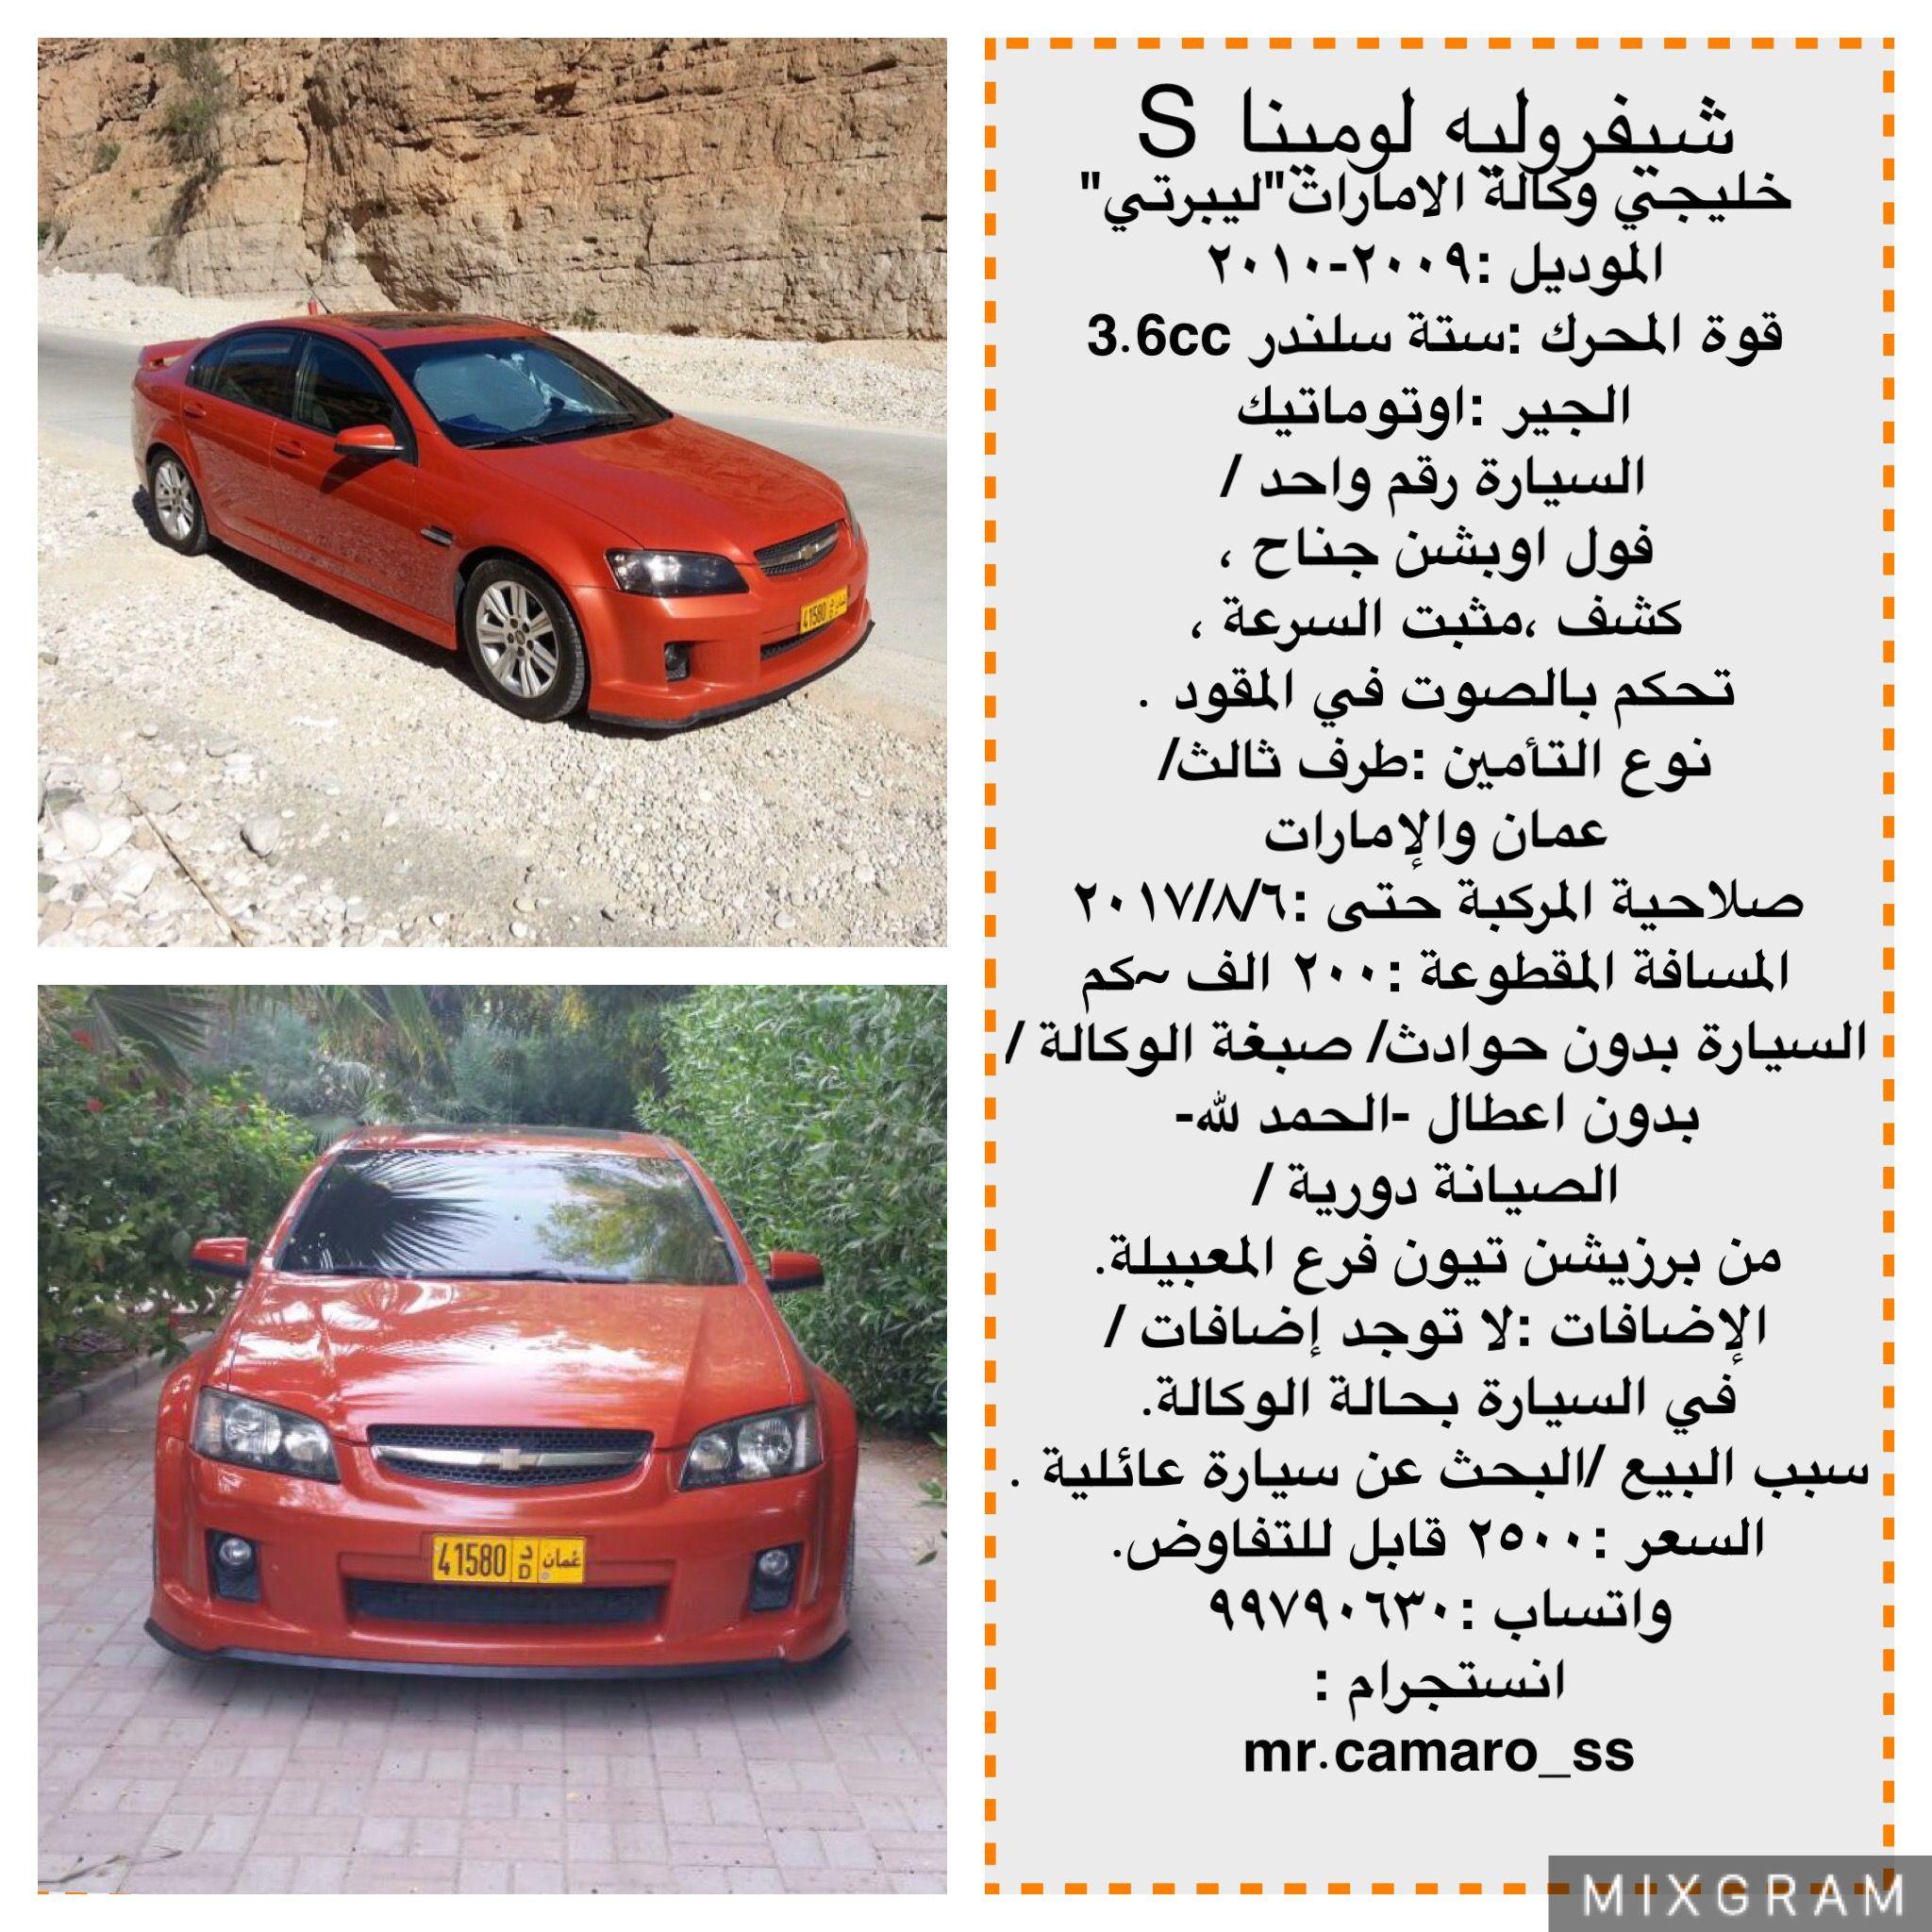 معلومات عن الاإعلان لومينا اس خليجي وكالة الامارات ليبرتي الموديل ٢٠٠٩ ٢٠١٠ قوة المحرك ستة سلندر 3 6cc الجير اوتوماتيك السيا Toy Car Vehicles Car